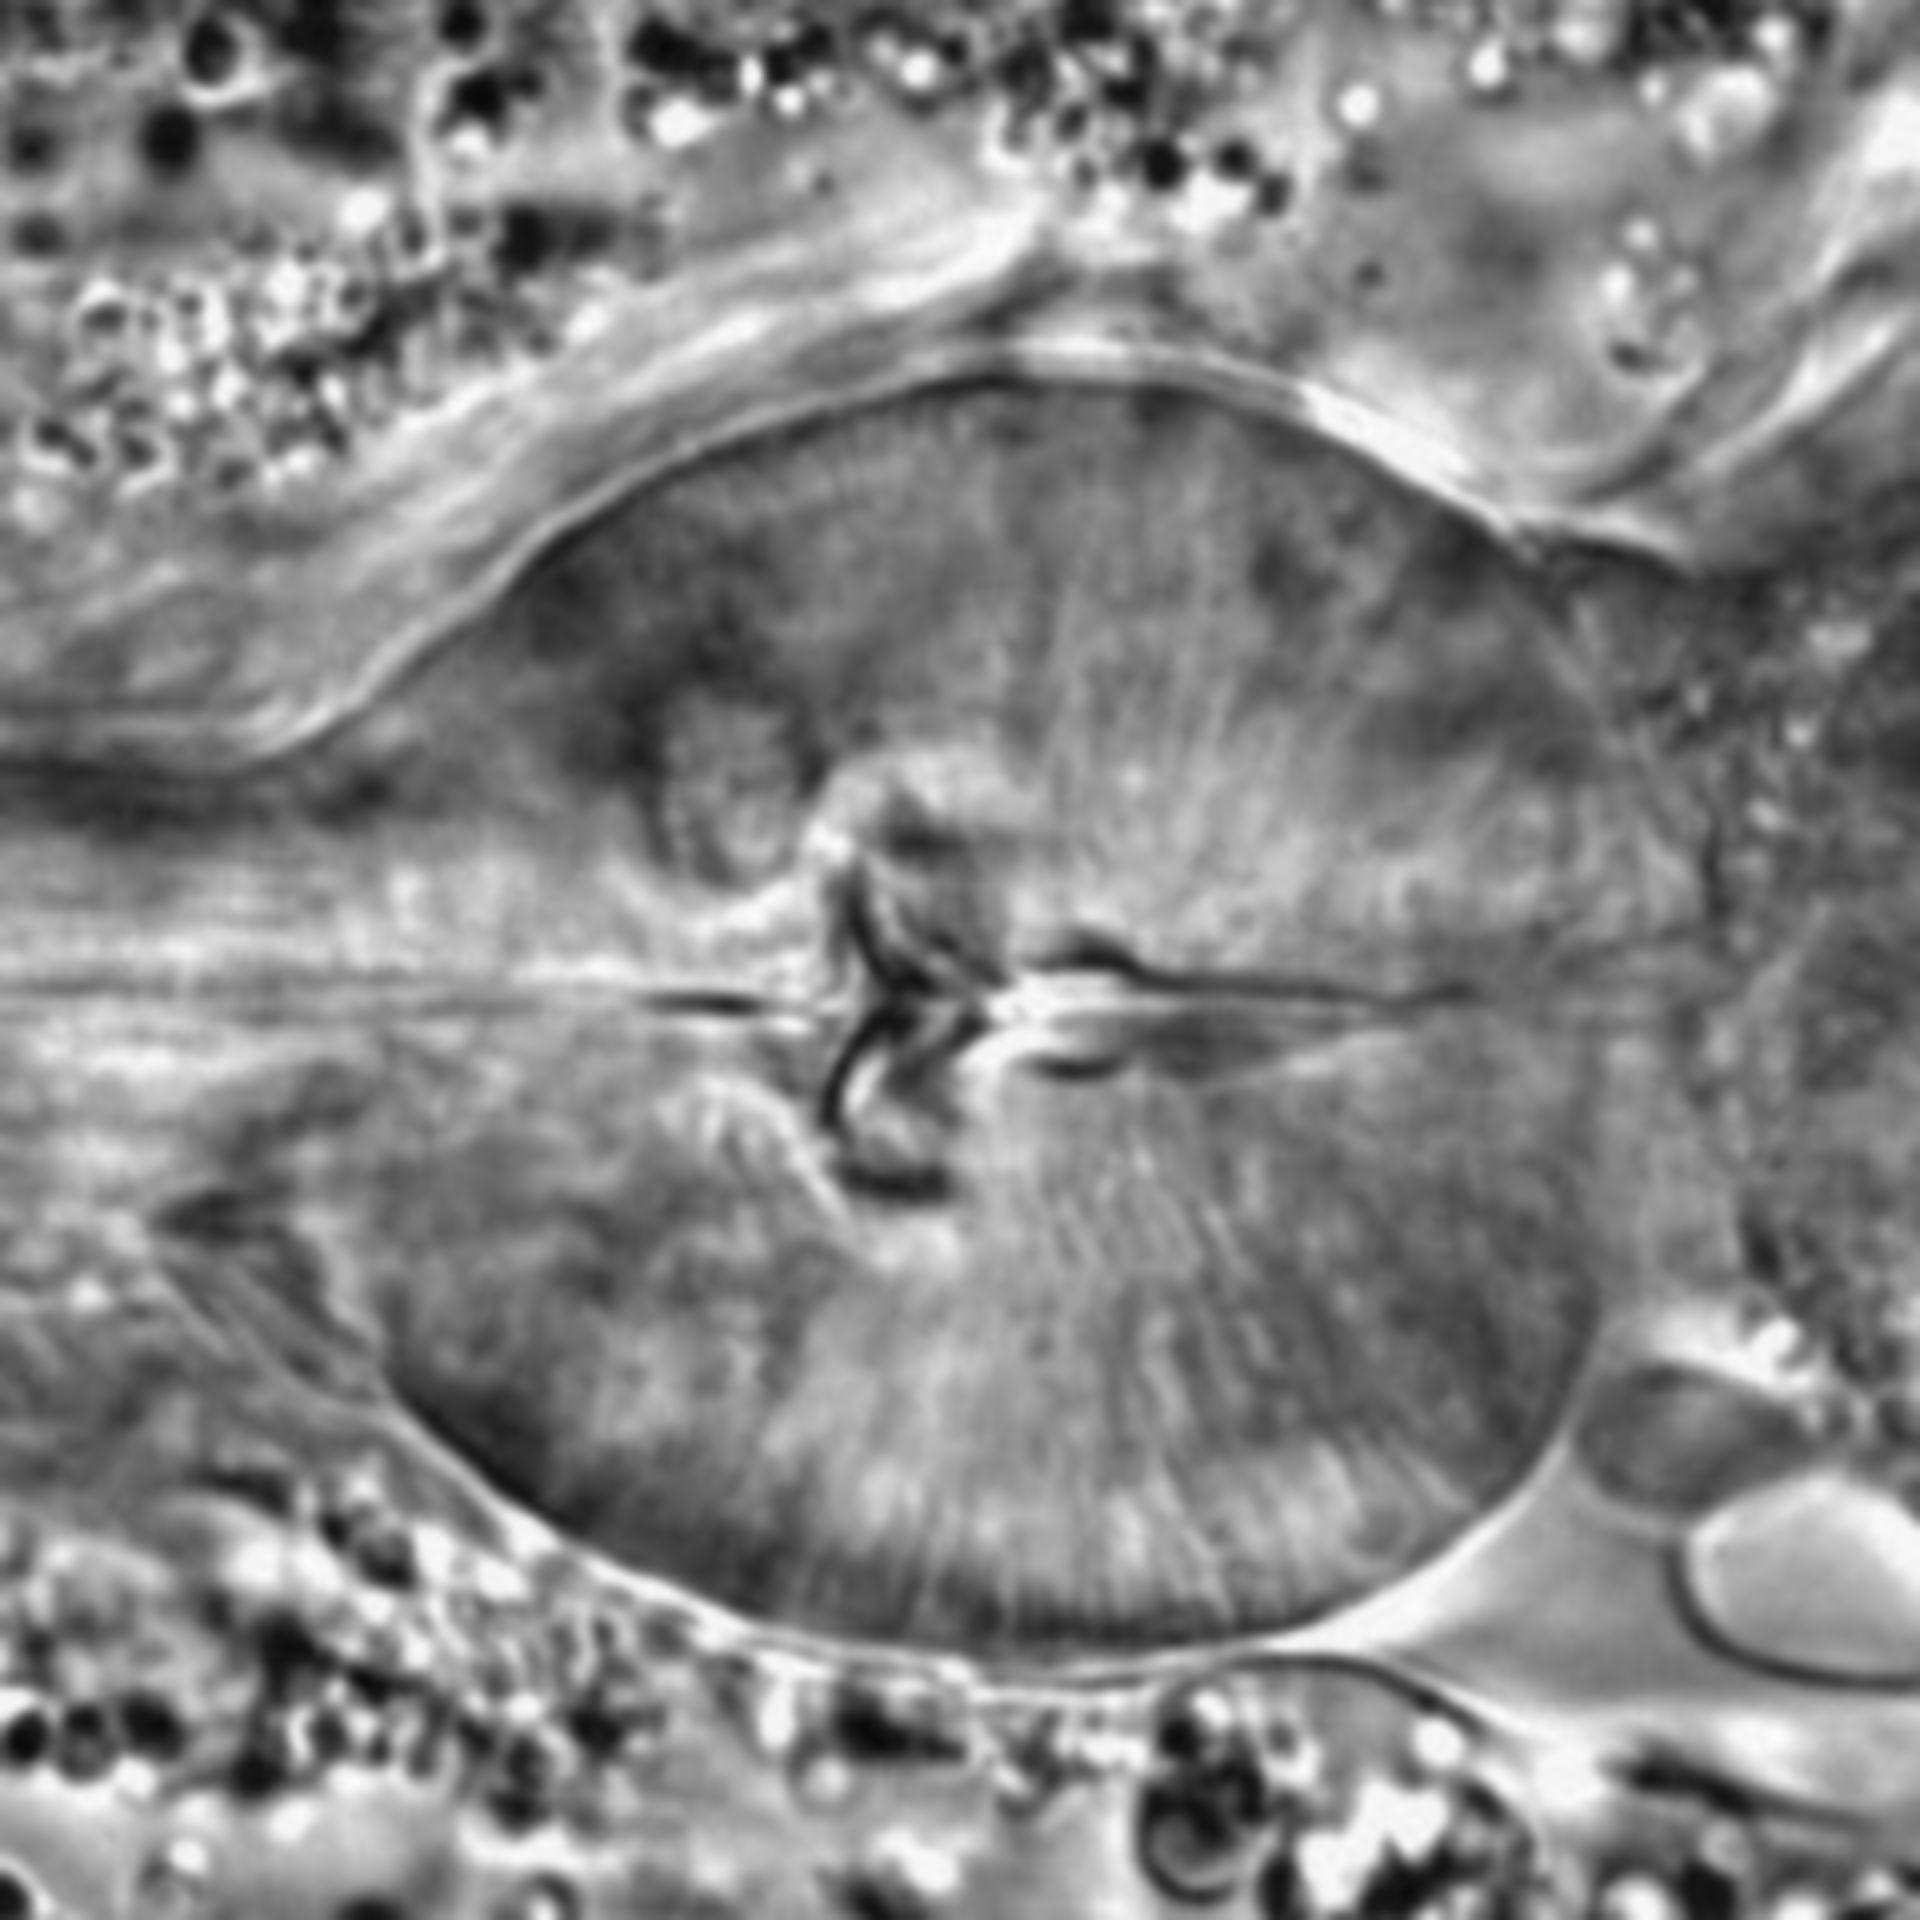 Caenorhabditis elegans - CIL:1723